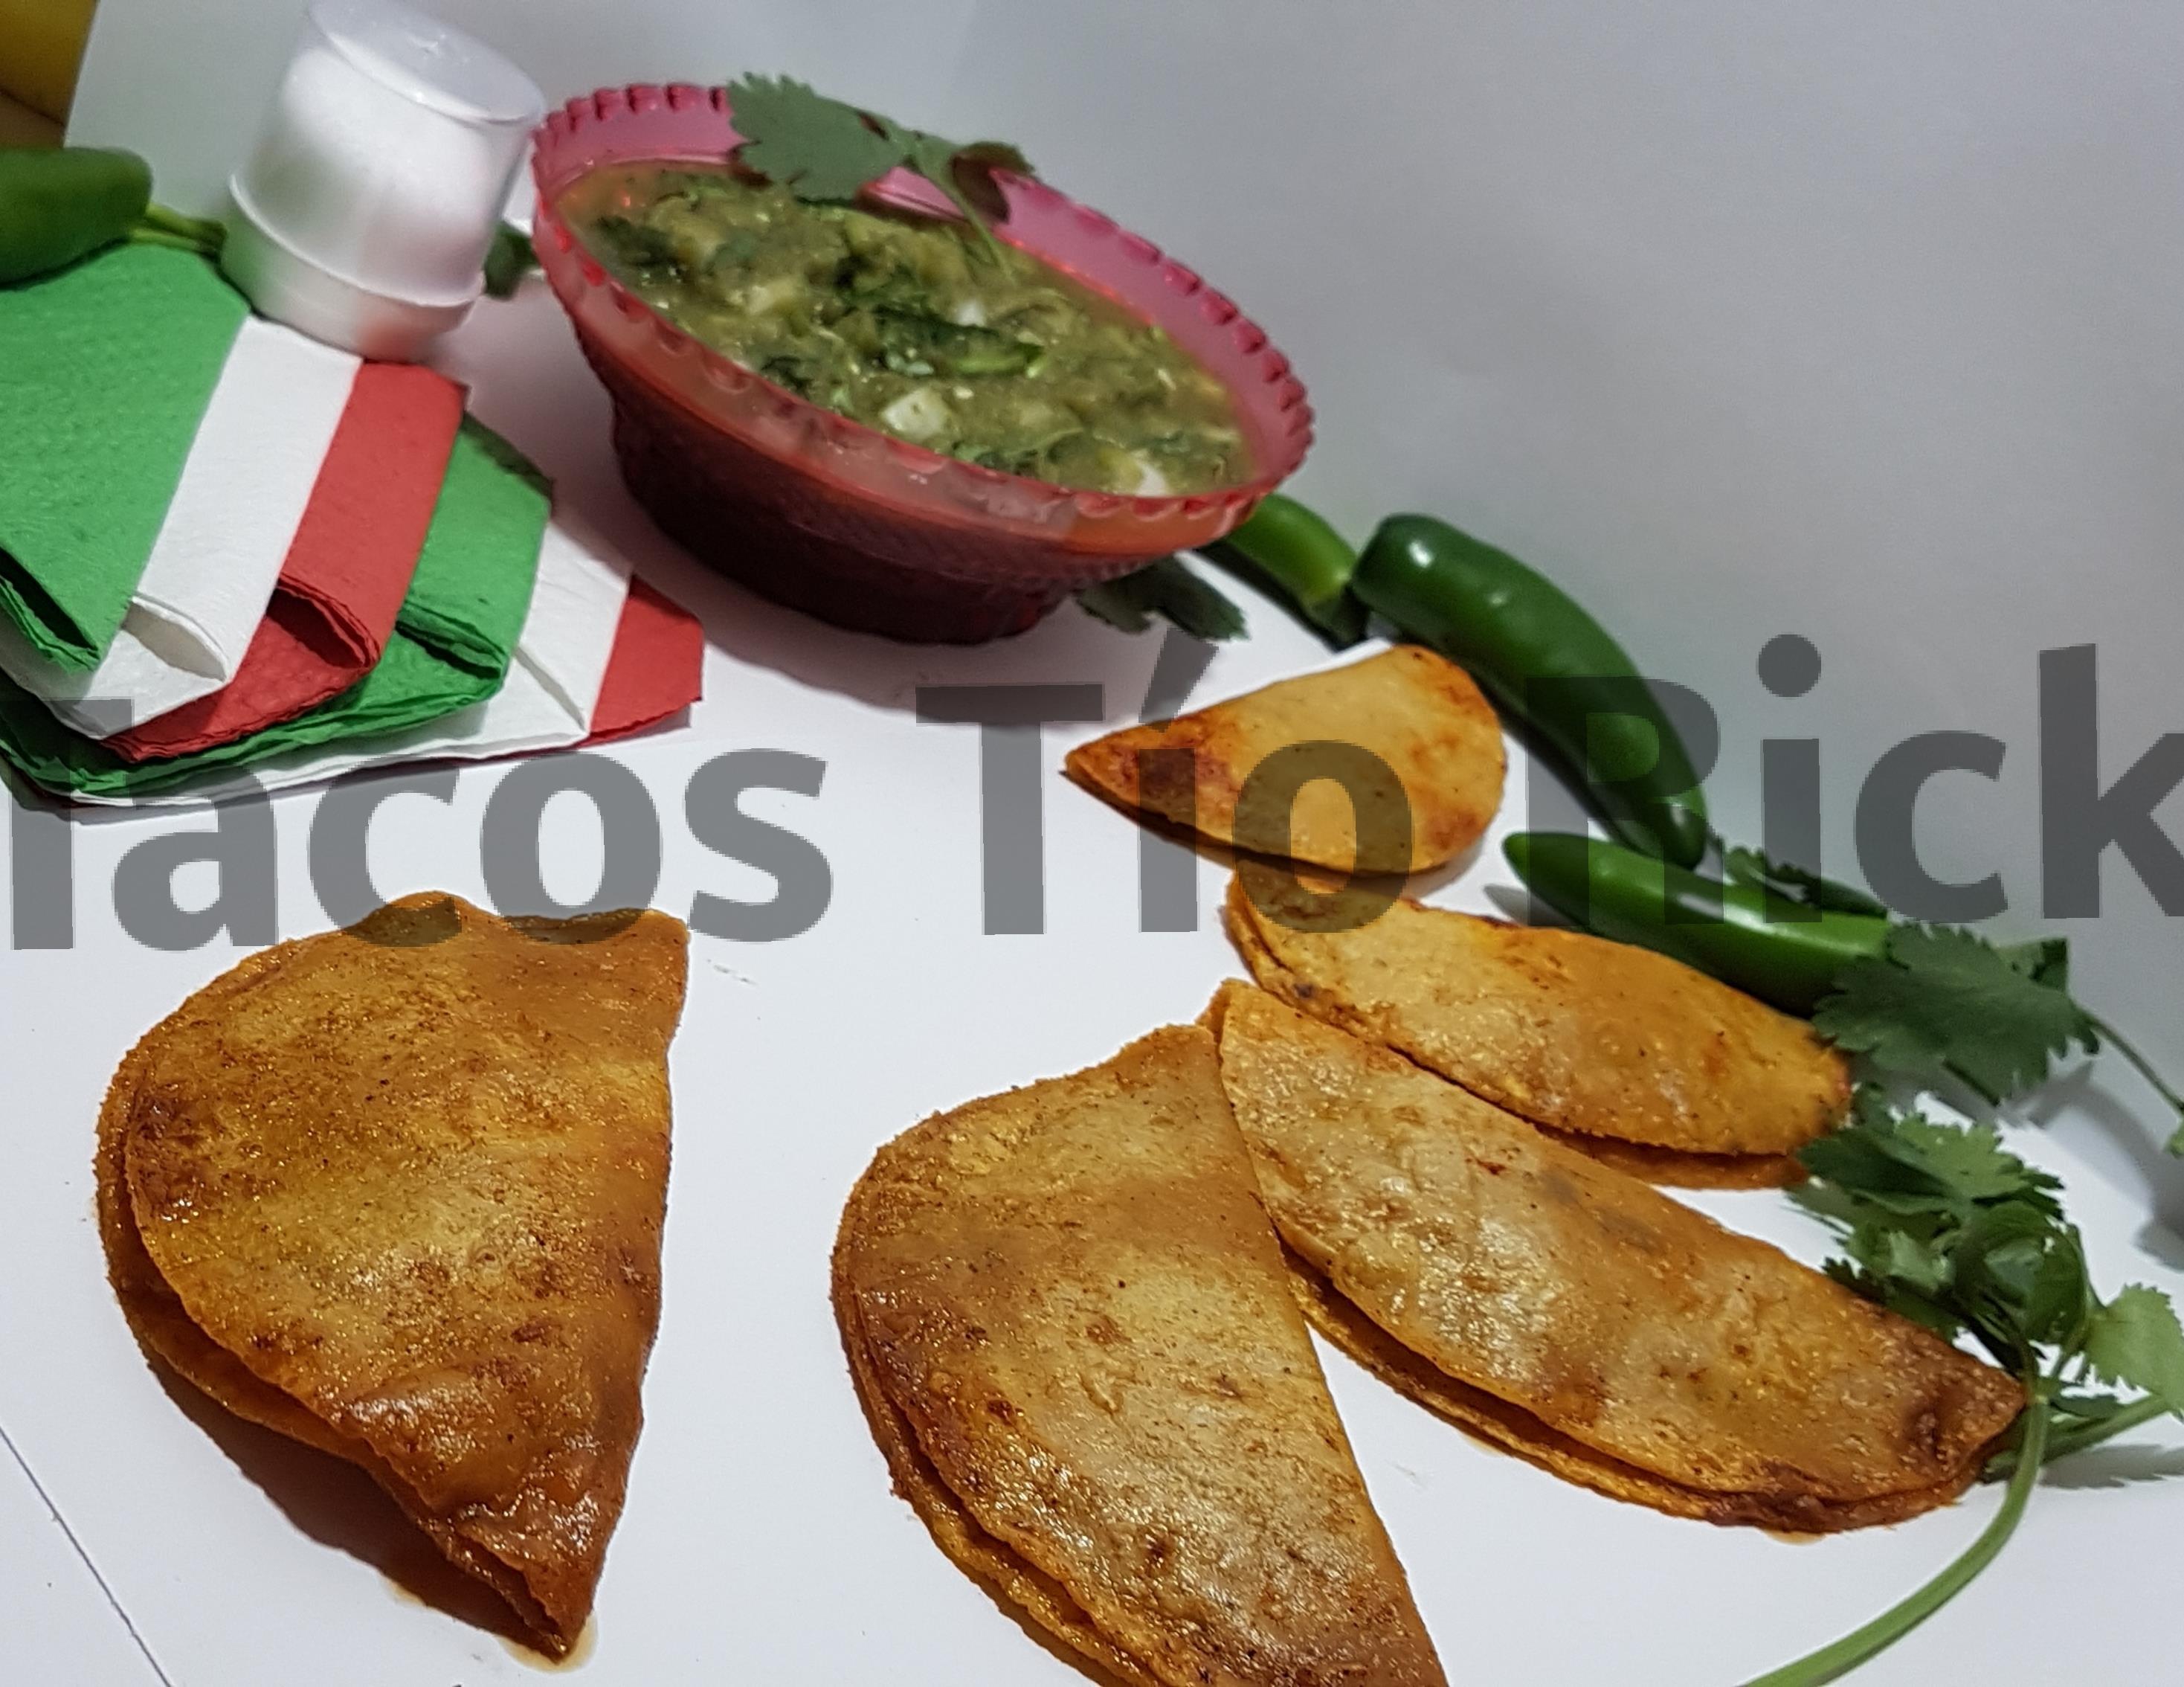 Tacos #1333